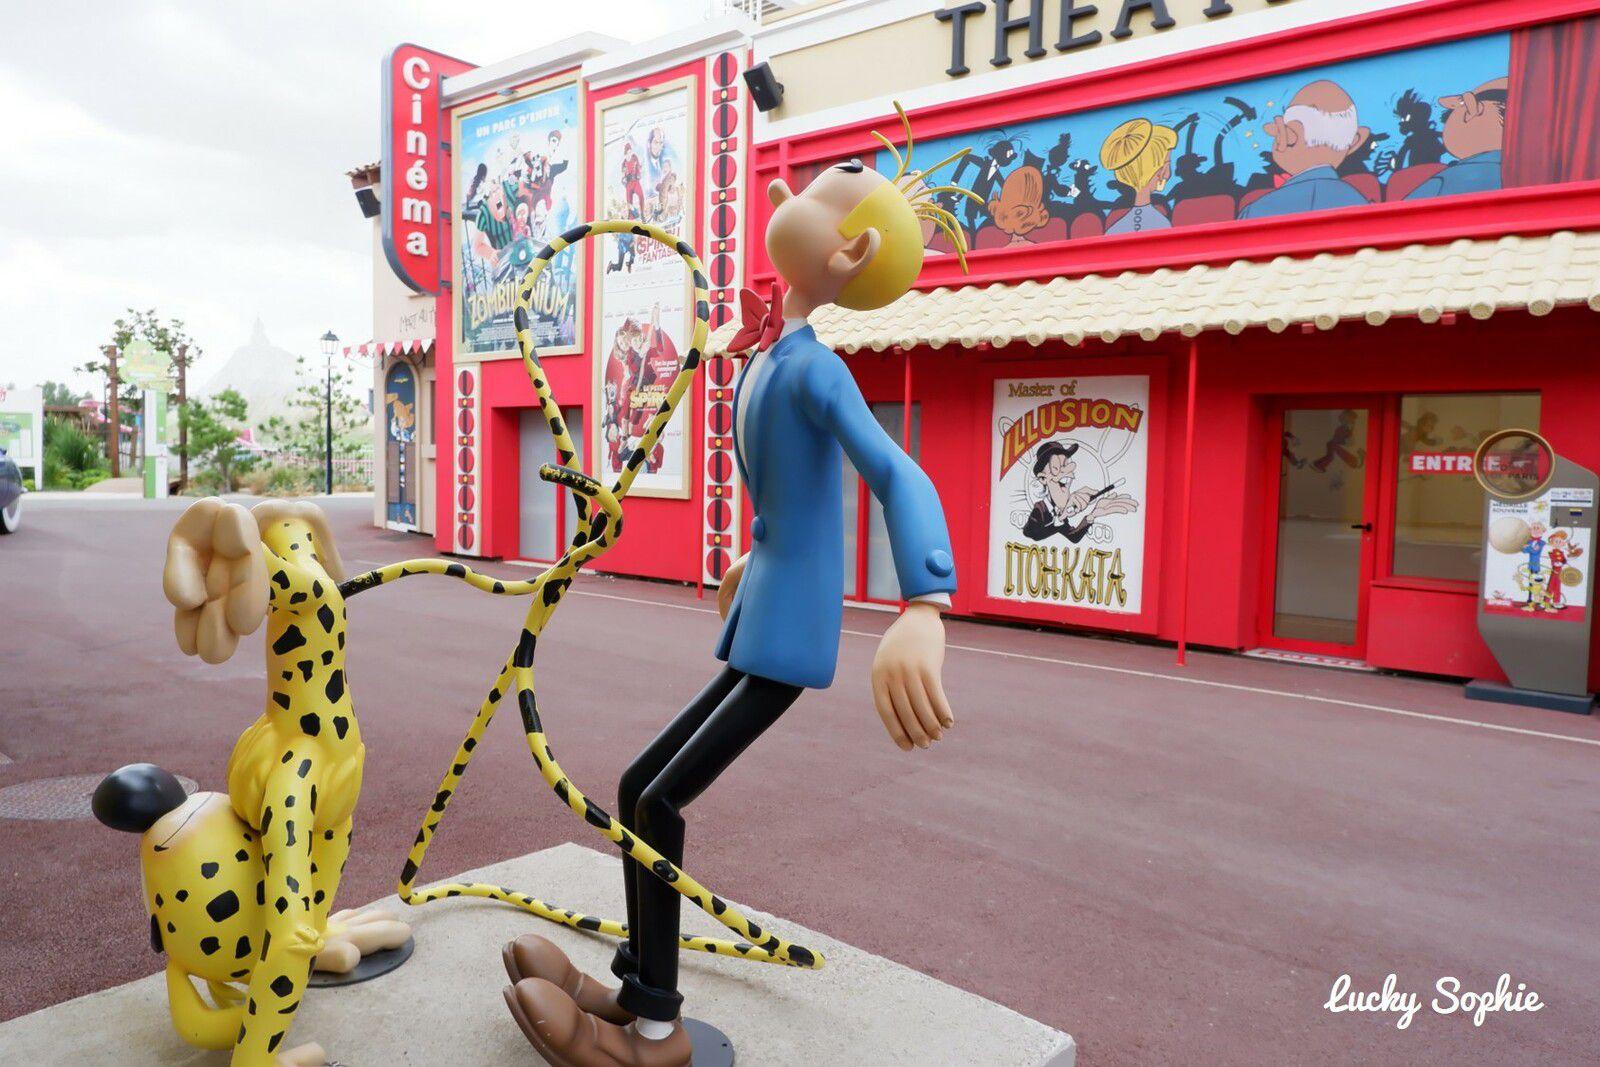 Le parc Spirou, un parc d'attractions dans le Sud Est dans un univers 100% BD.